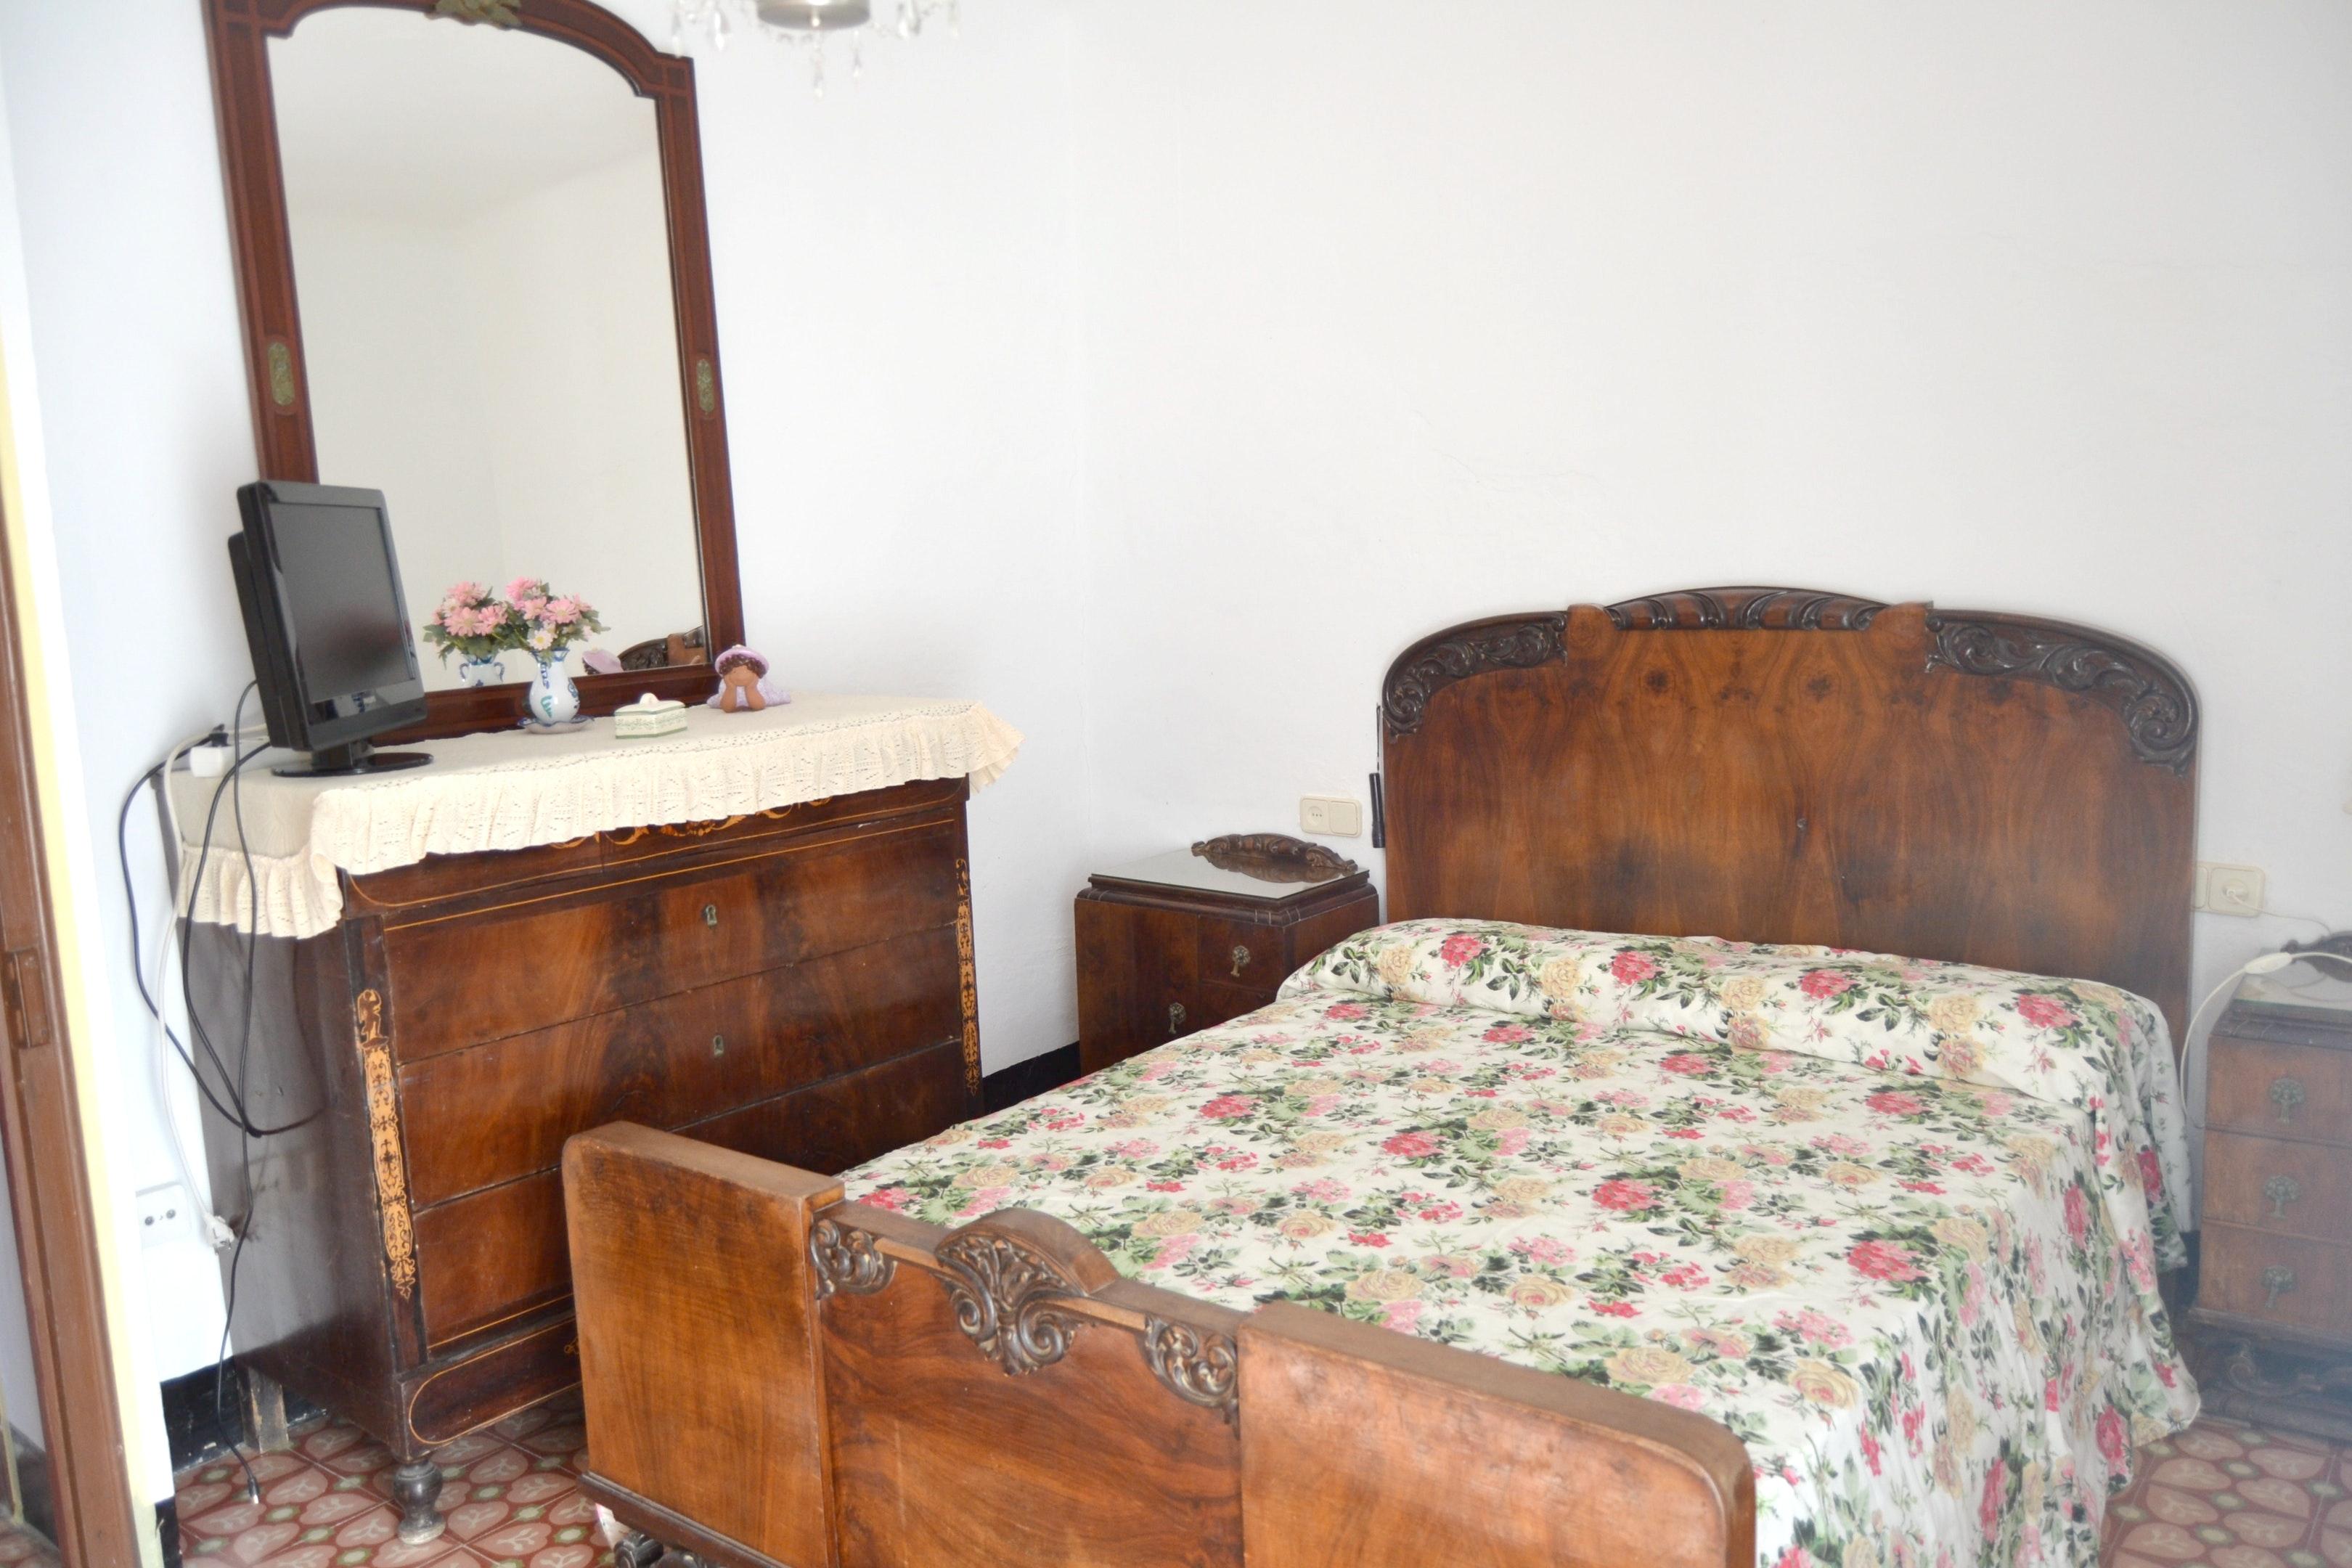 Ferienhaus Haus mit 4 Schlafzimmern in Sant Pere Sacarrera mit toller Aussicht auf die Berge, möblier (2217248), Sant Pere Sacarrera, Barcelona, Katalonien, Spanien, Bild 18